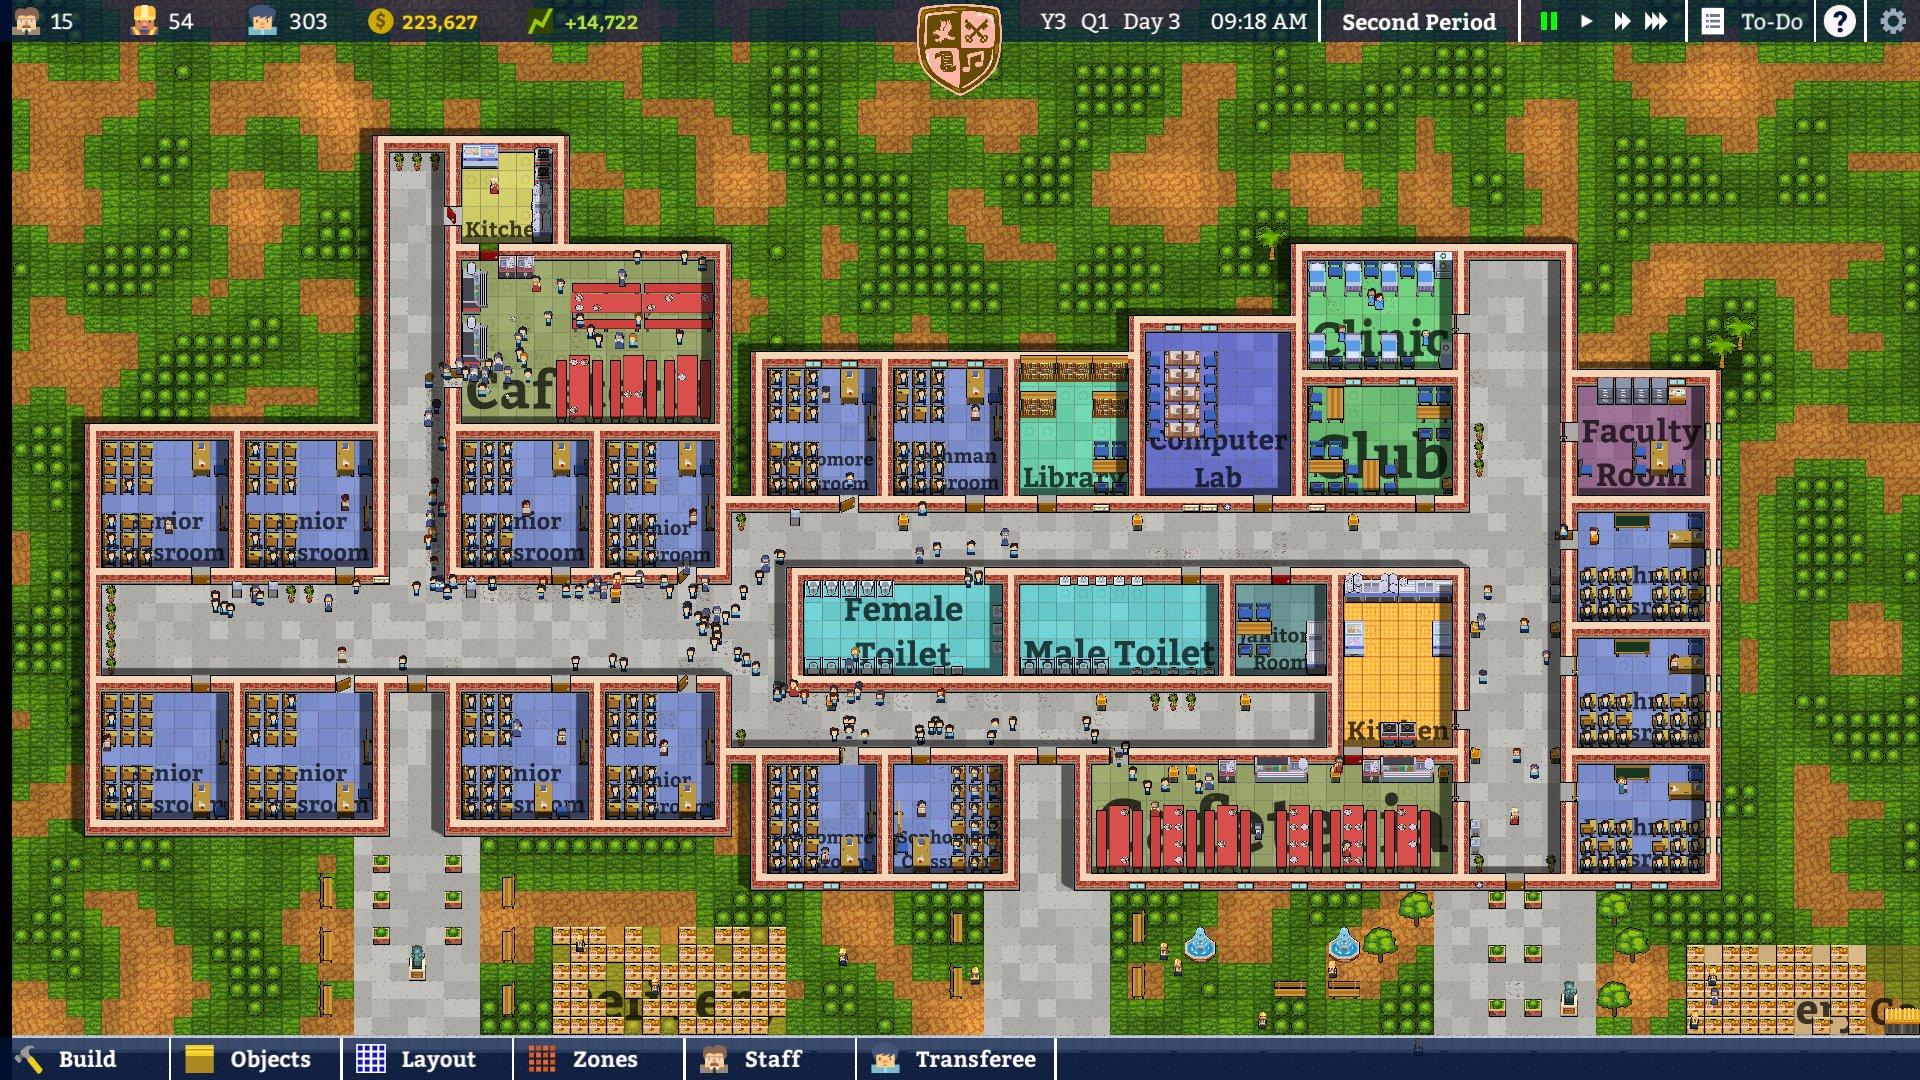 Petite déception : le jeu n'est pas aussi soigné que Prison Architect au niveau graphique (alors que c'est le même directeur artistique). Il y a un peu d'aliasing, le terrain est momoche et les animations sont en chantier.